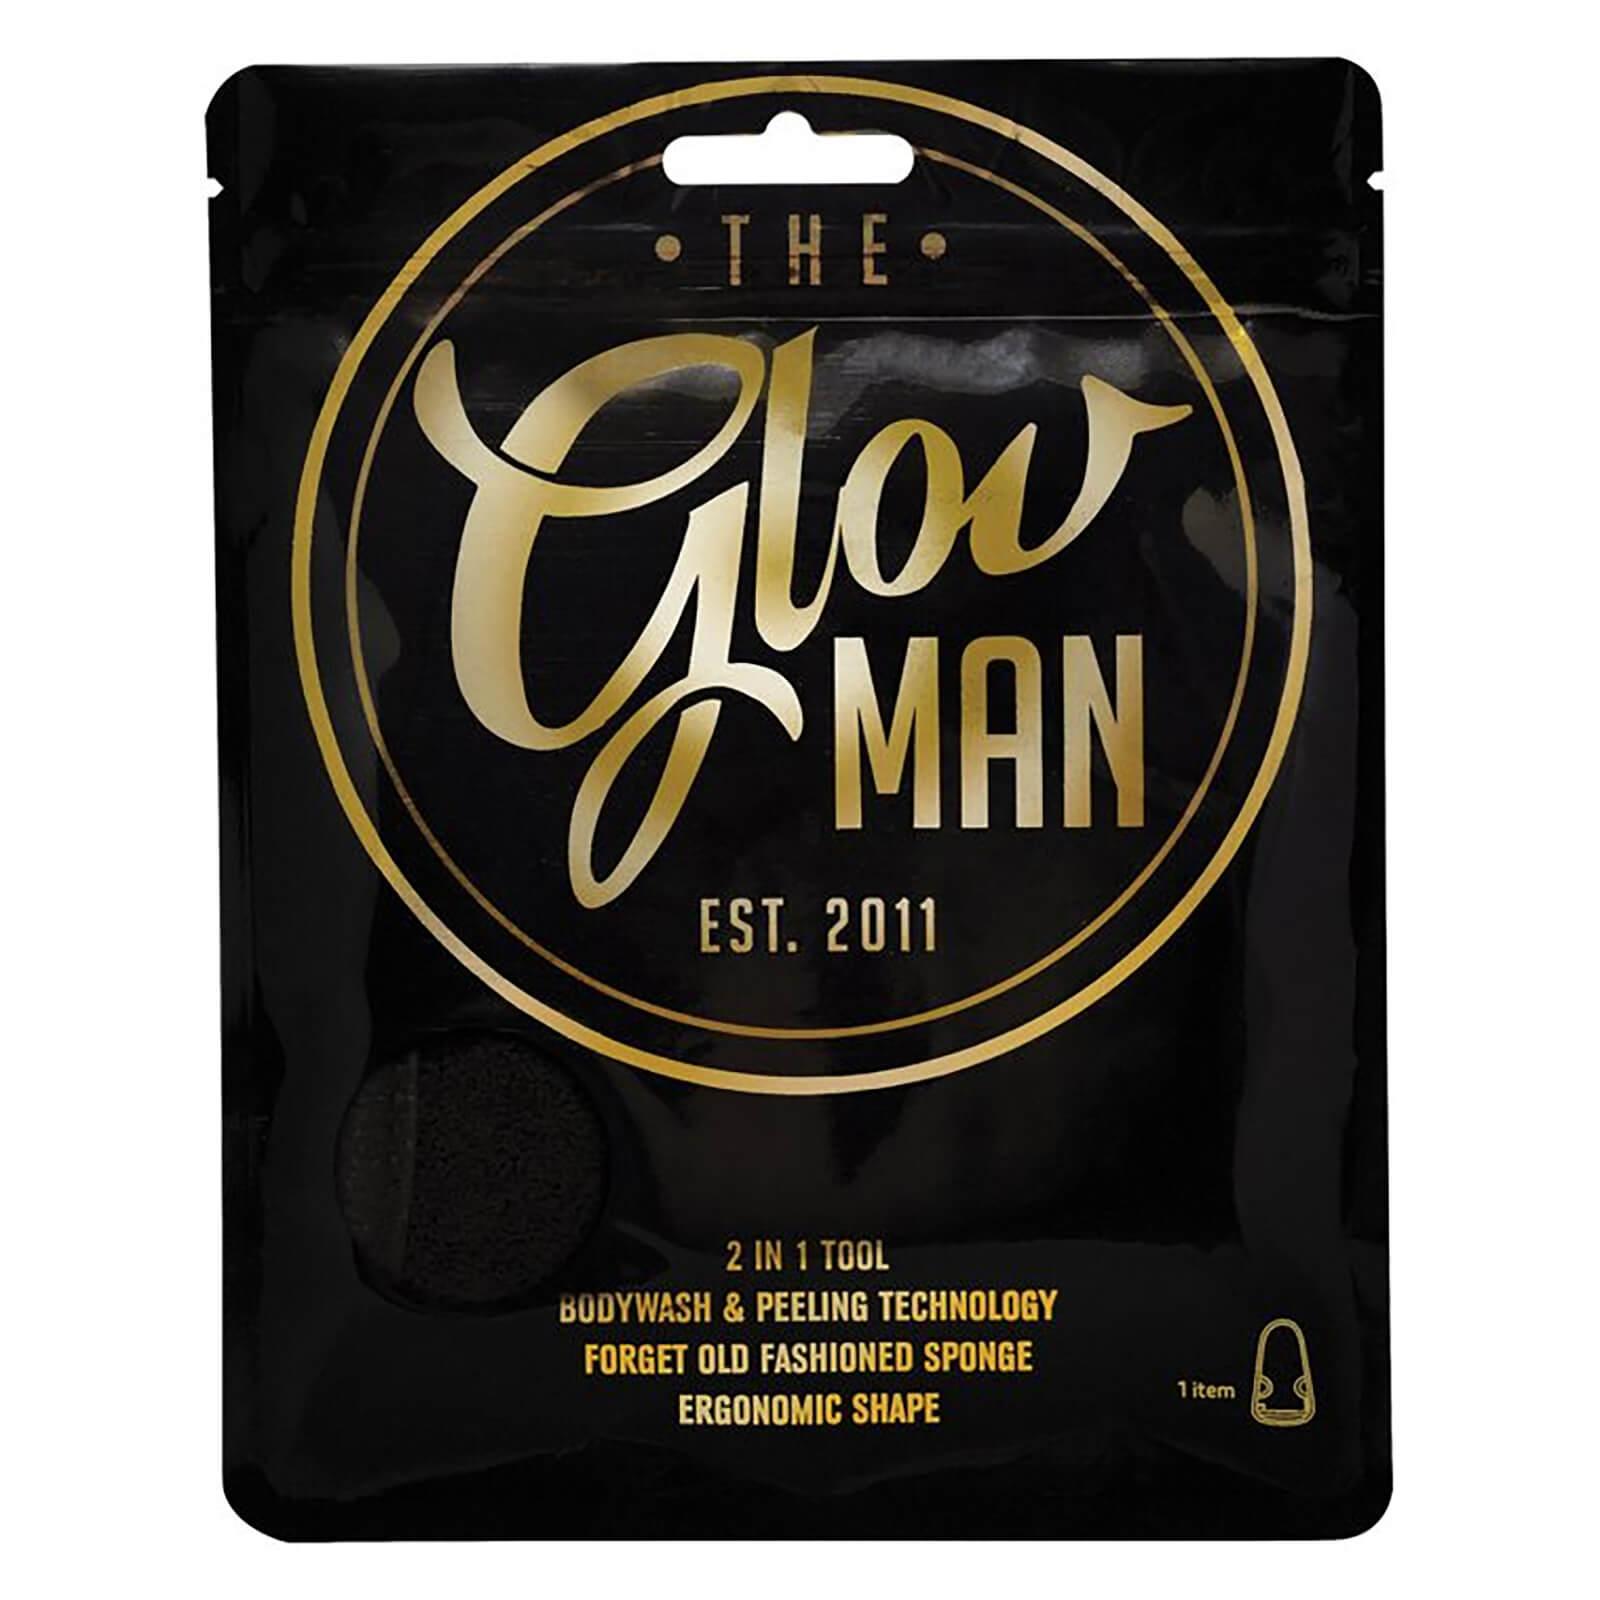 GLOV Man